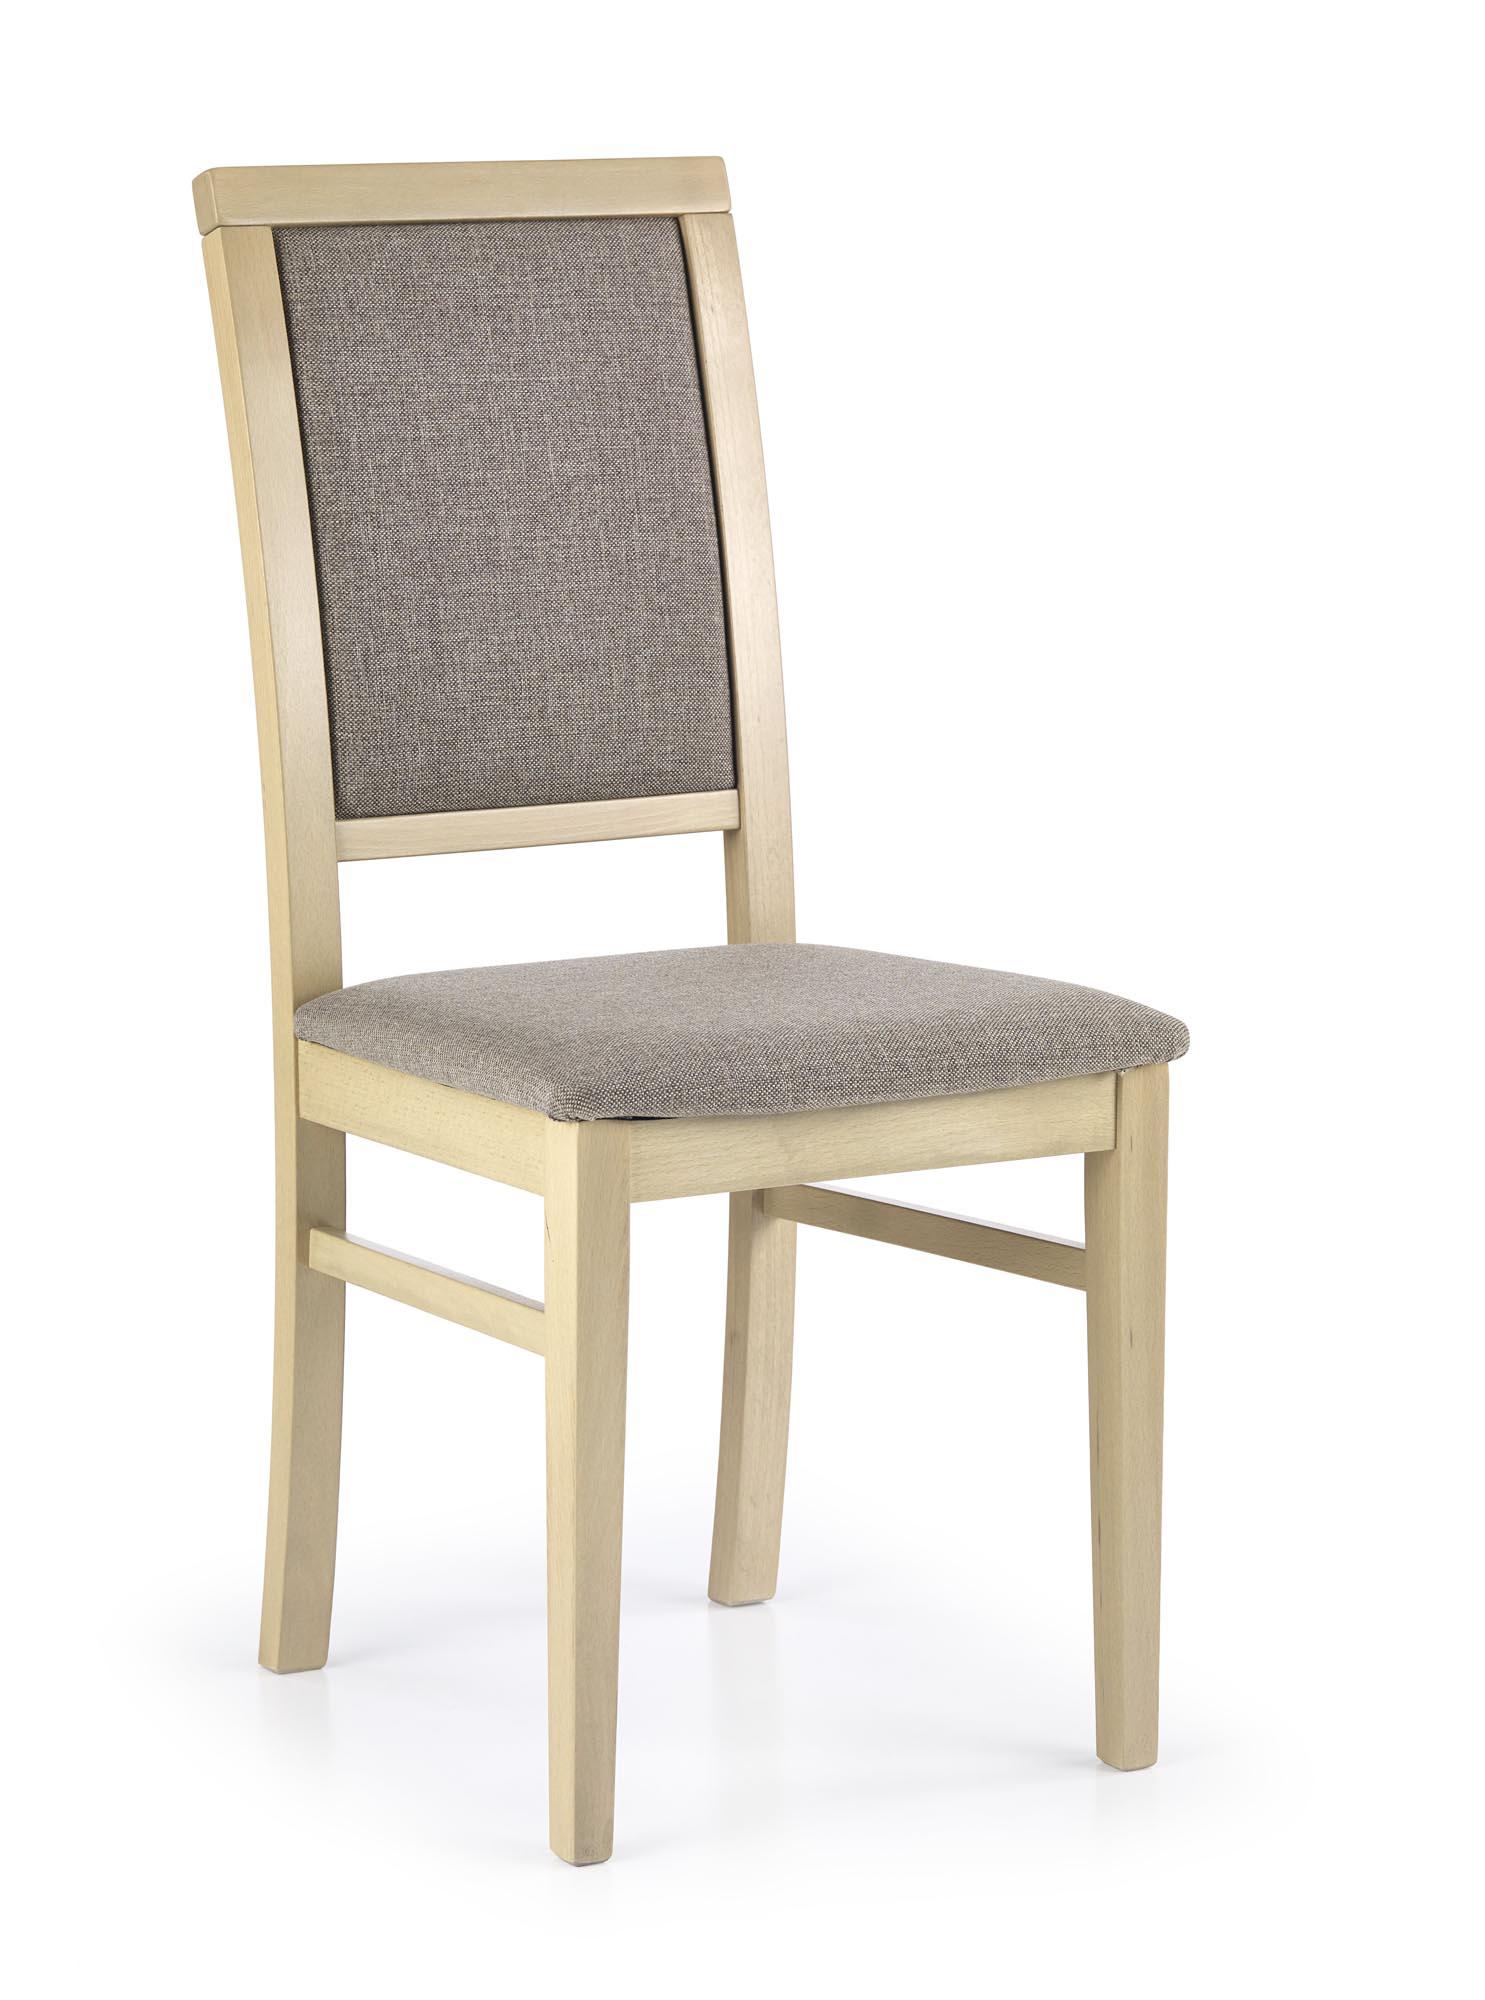 SYLWEK1 stolička dub sonoma / tap: Inari 23